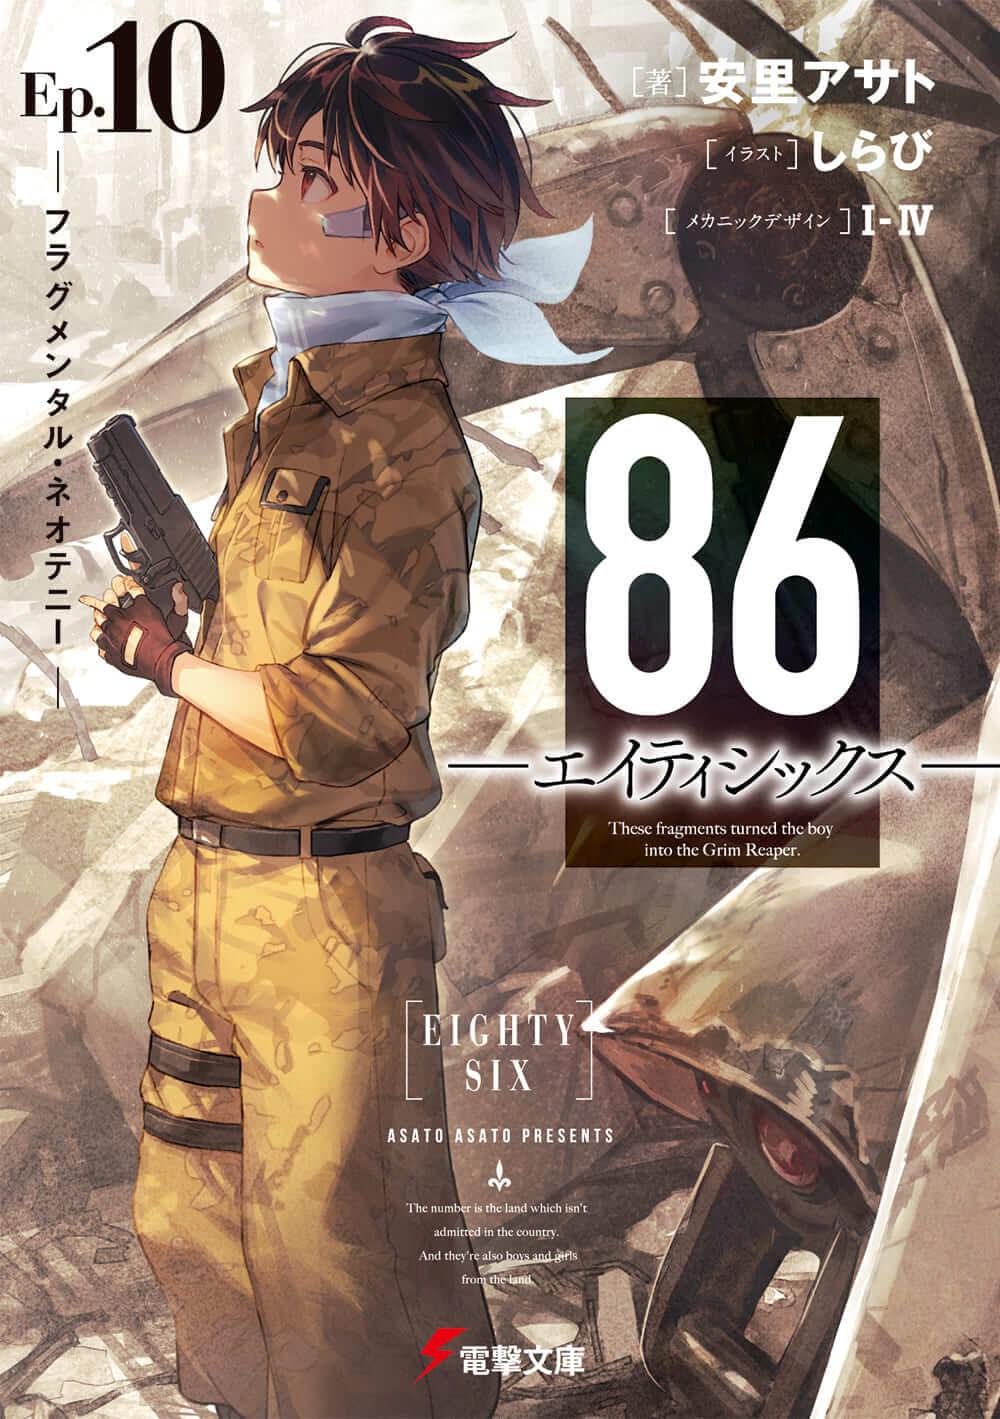 86—エイティシックス—Ep.10 —フラグメンタル・ネオテニー—